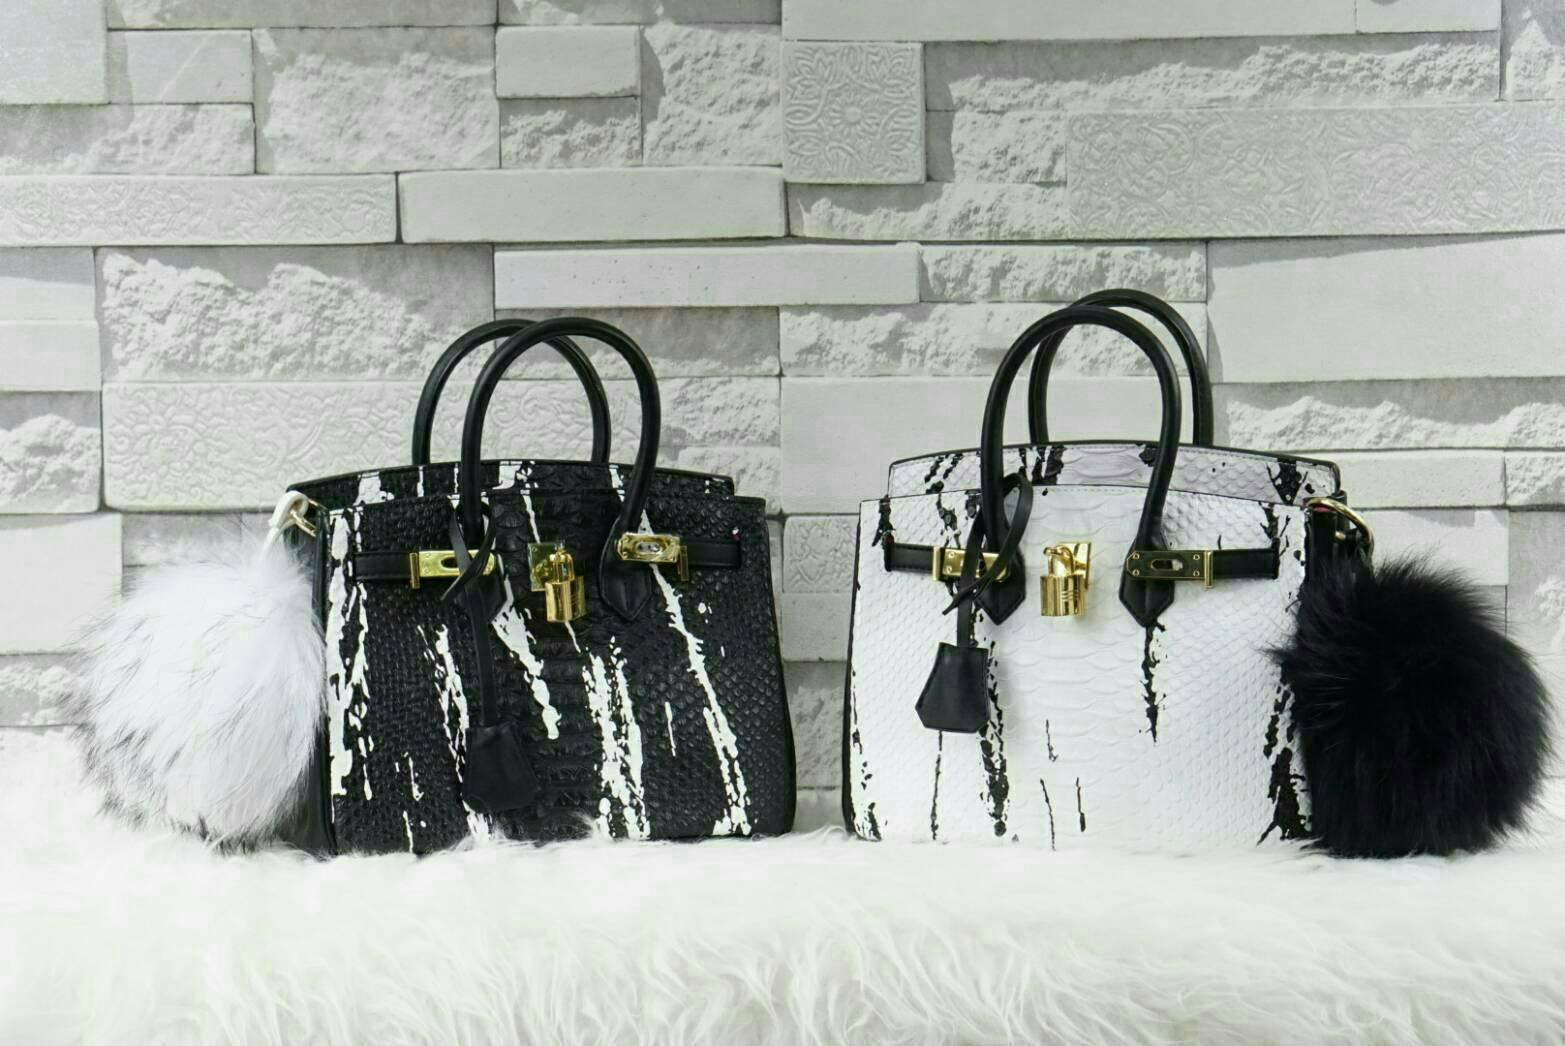 n อีกตัวที่ขอแนะนำเลยค่าา สาดสีใส่ตัวกระเป๋าได้แจ่มมากๆ กระเป๋าทรงสวย มาพร้อมอุปกรณ์แน่นๆ เหมือนเดิมเลยค่า